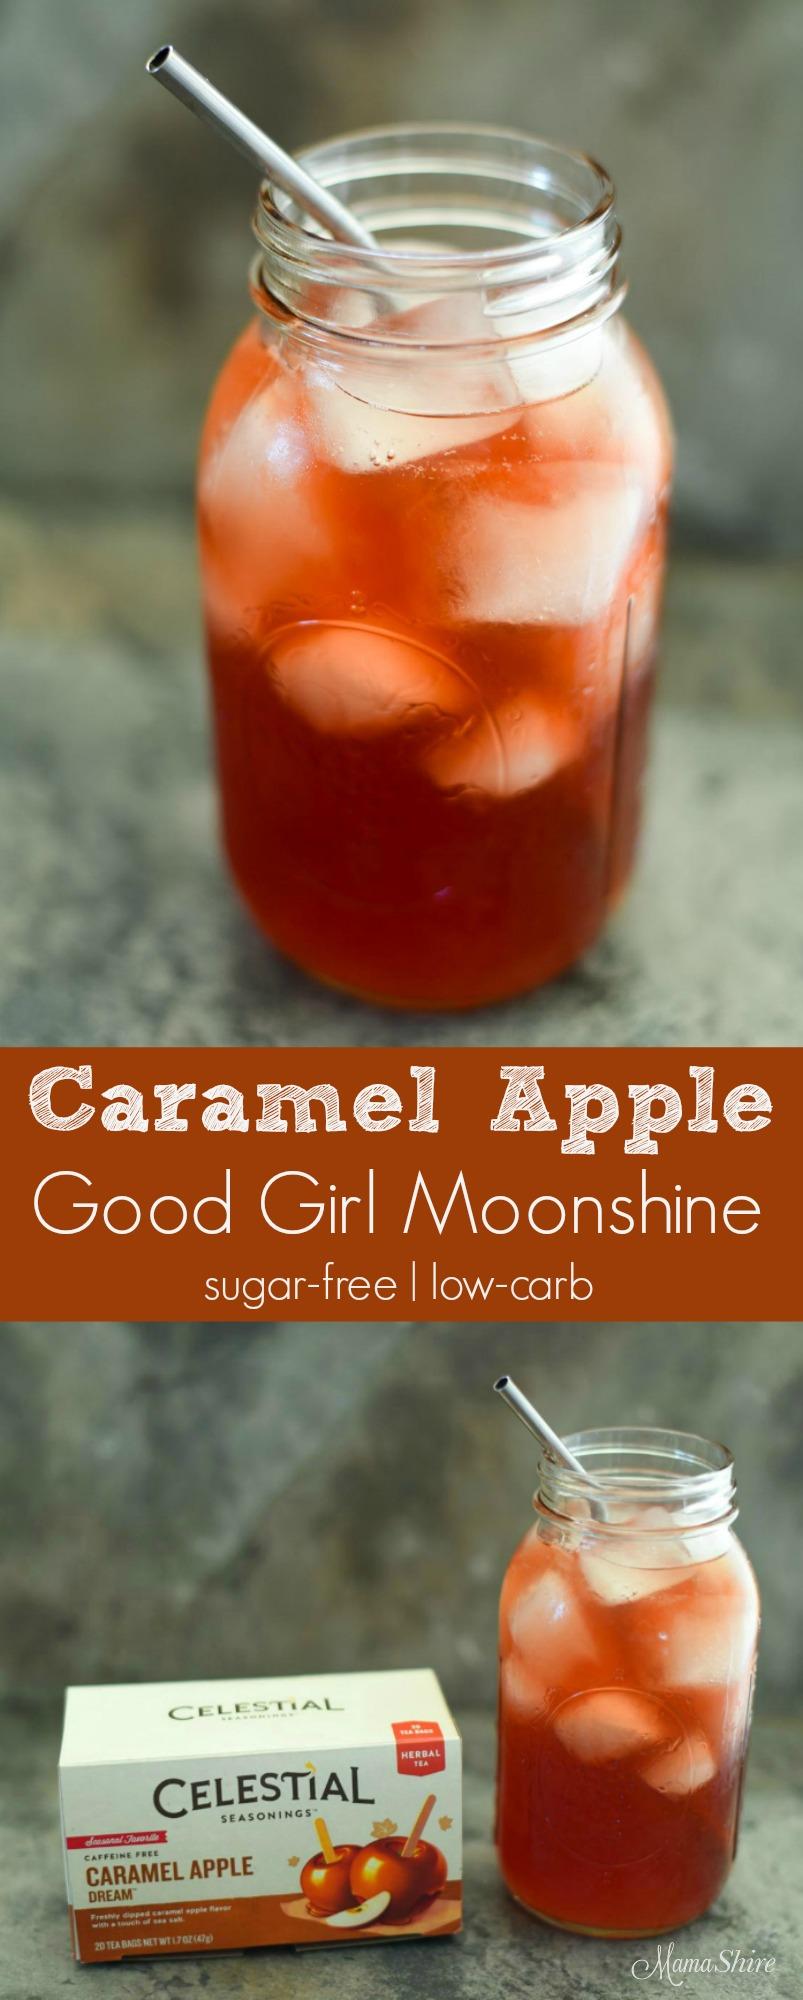 Caramel Apple Good Girl Moonshine